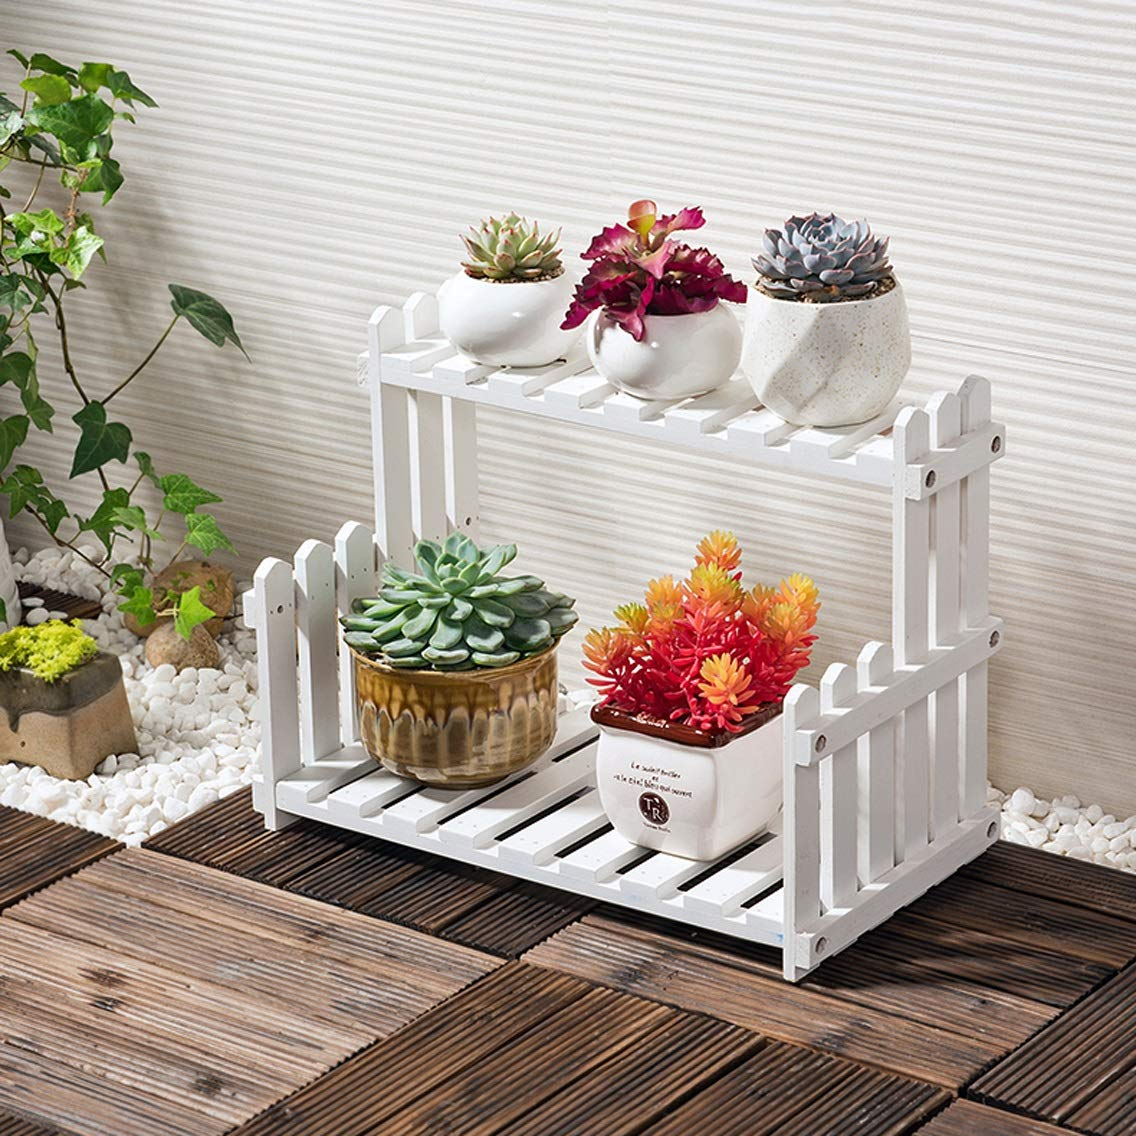 HZB Wooden Flower Rack, Living Room Balcony, Multi-Storey Flower Pot Rack